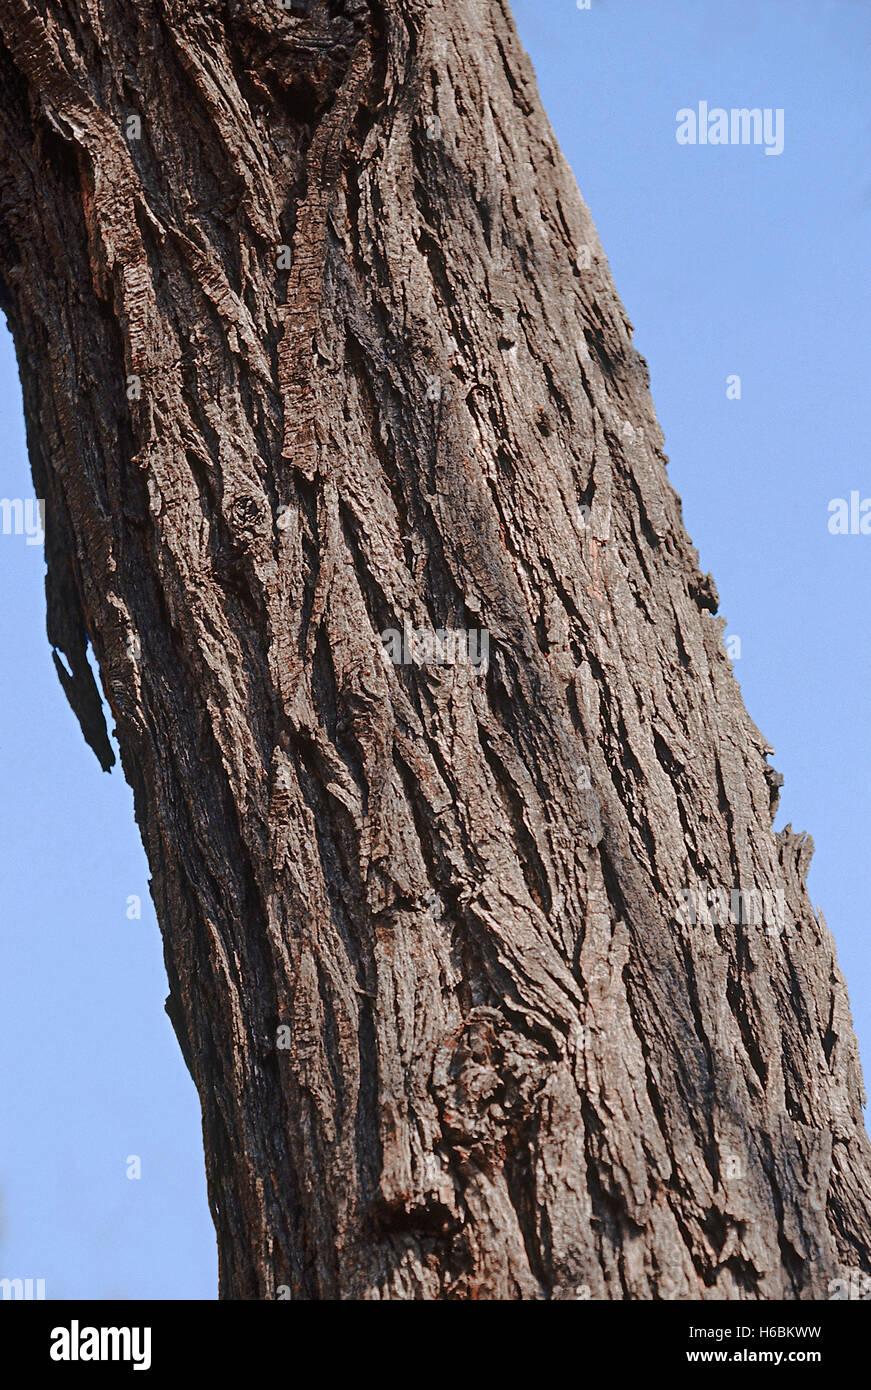 L'écorce. Acacia nilotica. babhul. famille: mimosaceae. un arbre épineux de taille moyenne dans Photo Stock